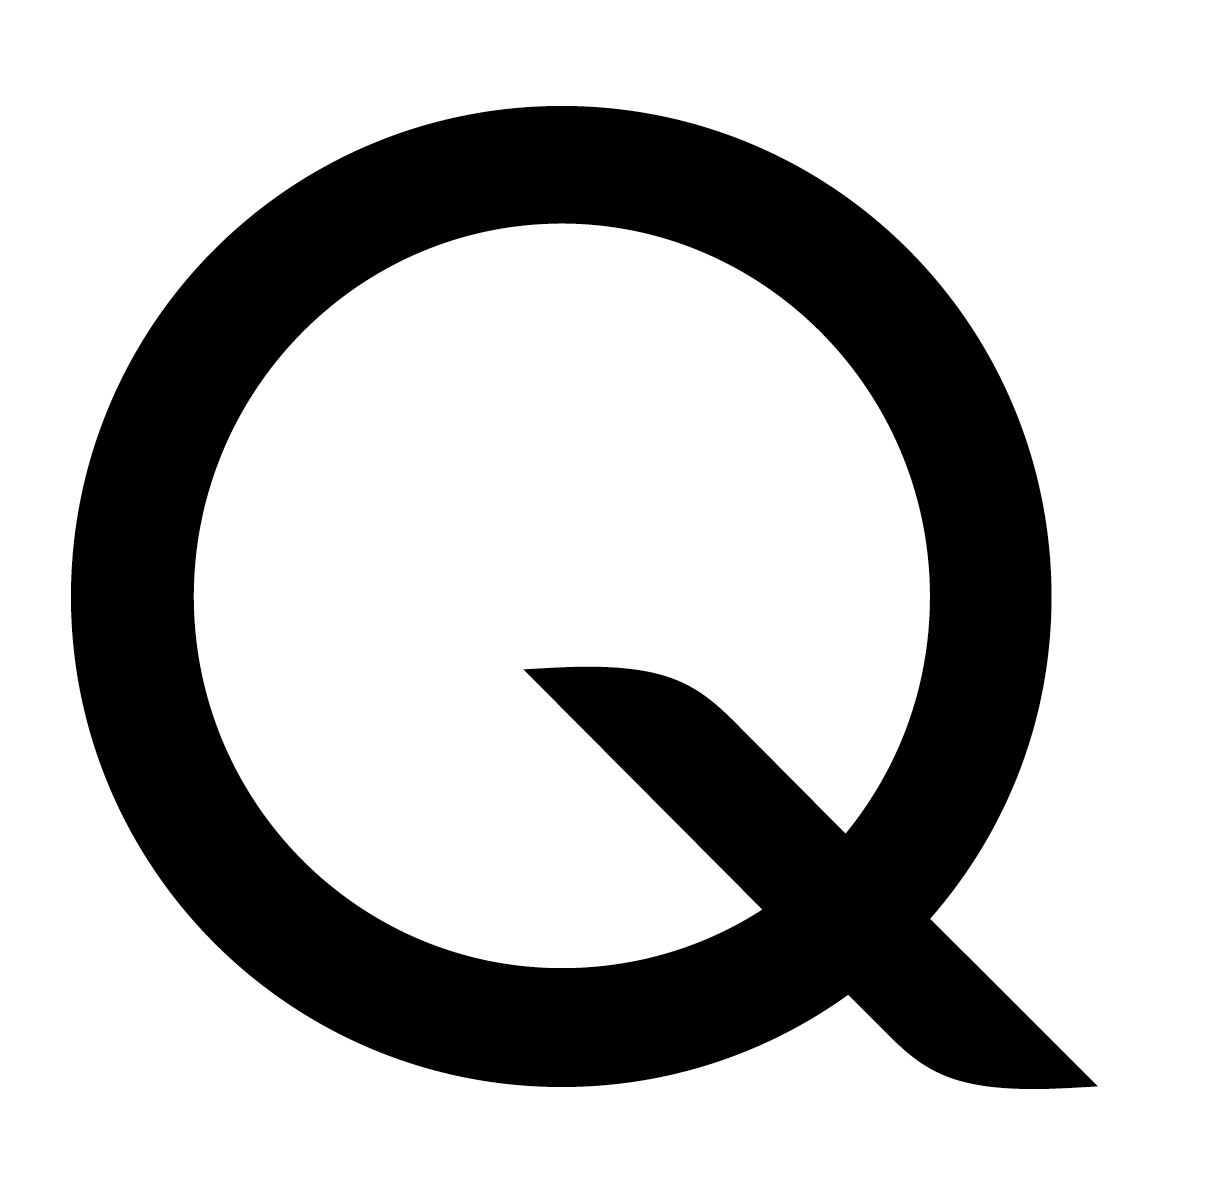 Quadrile_8